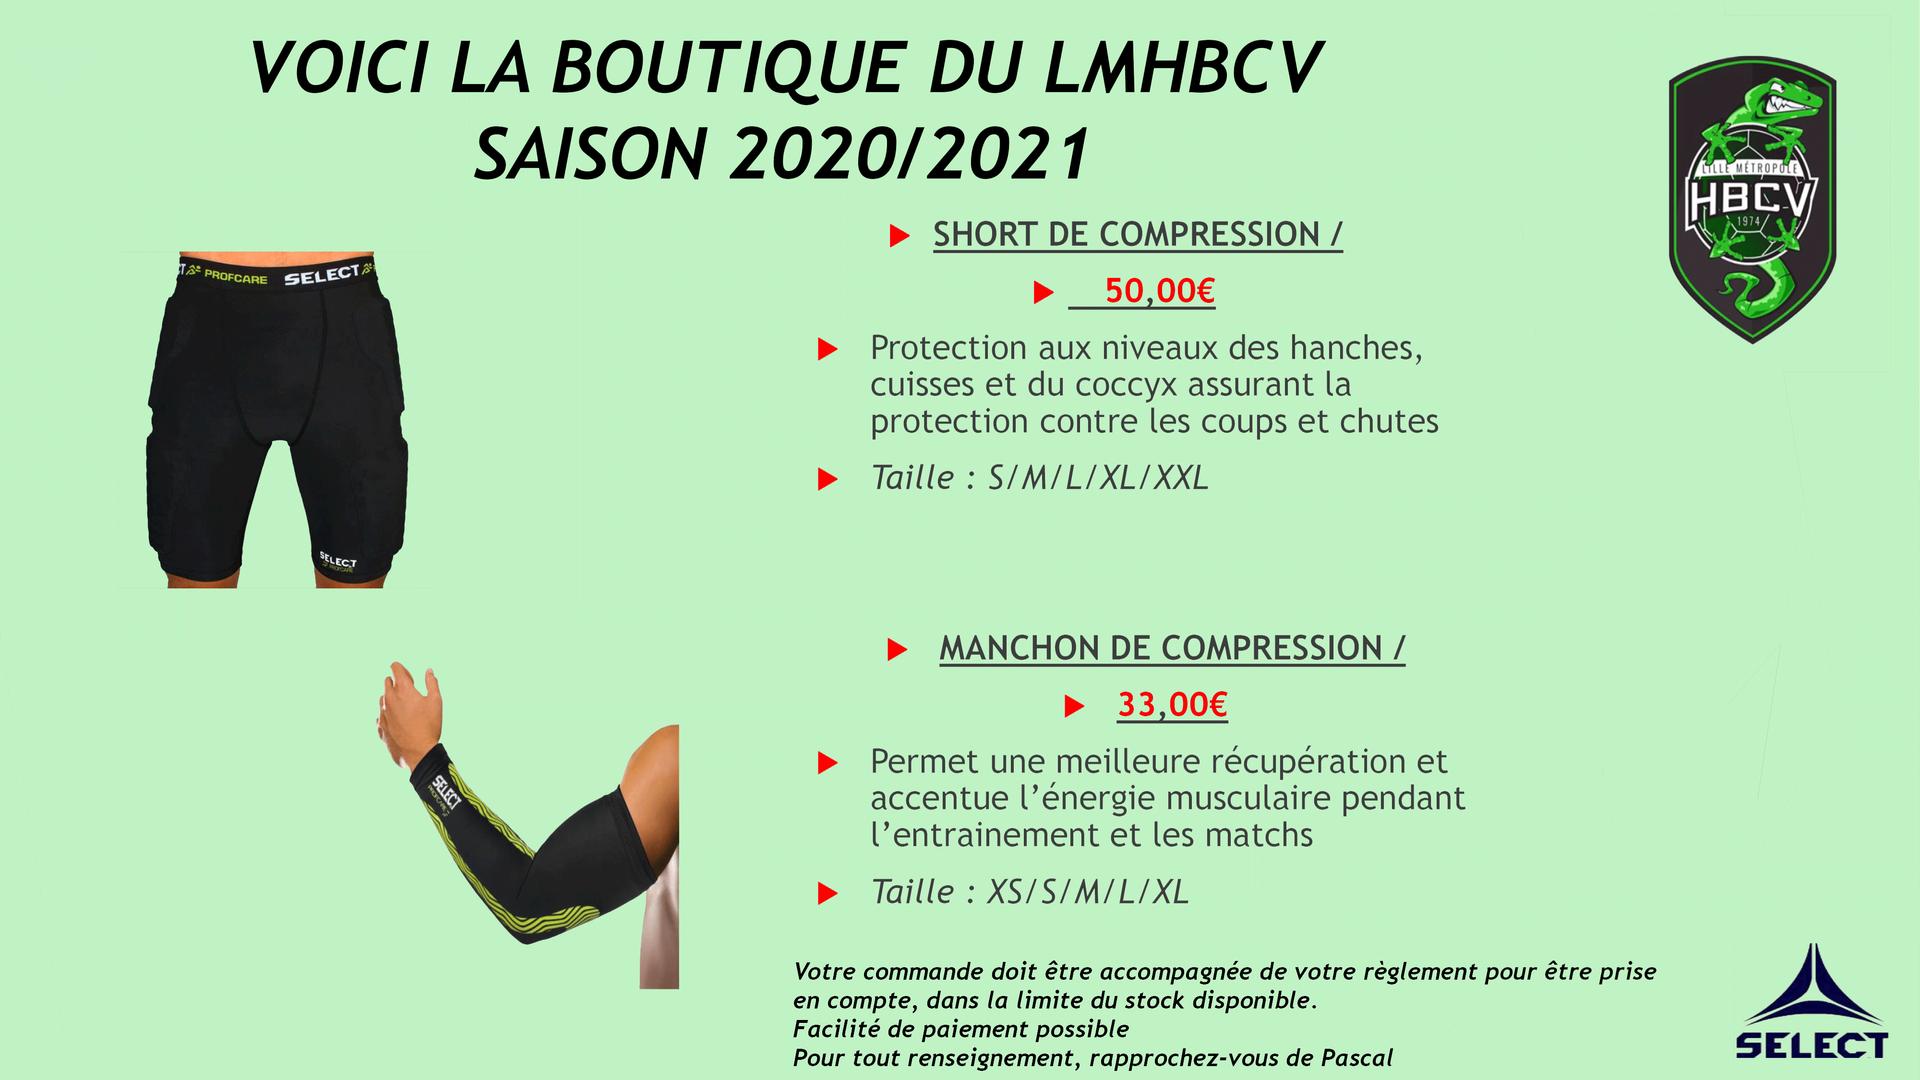 Boutique-LMHBCV-P11.png